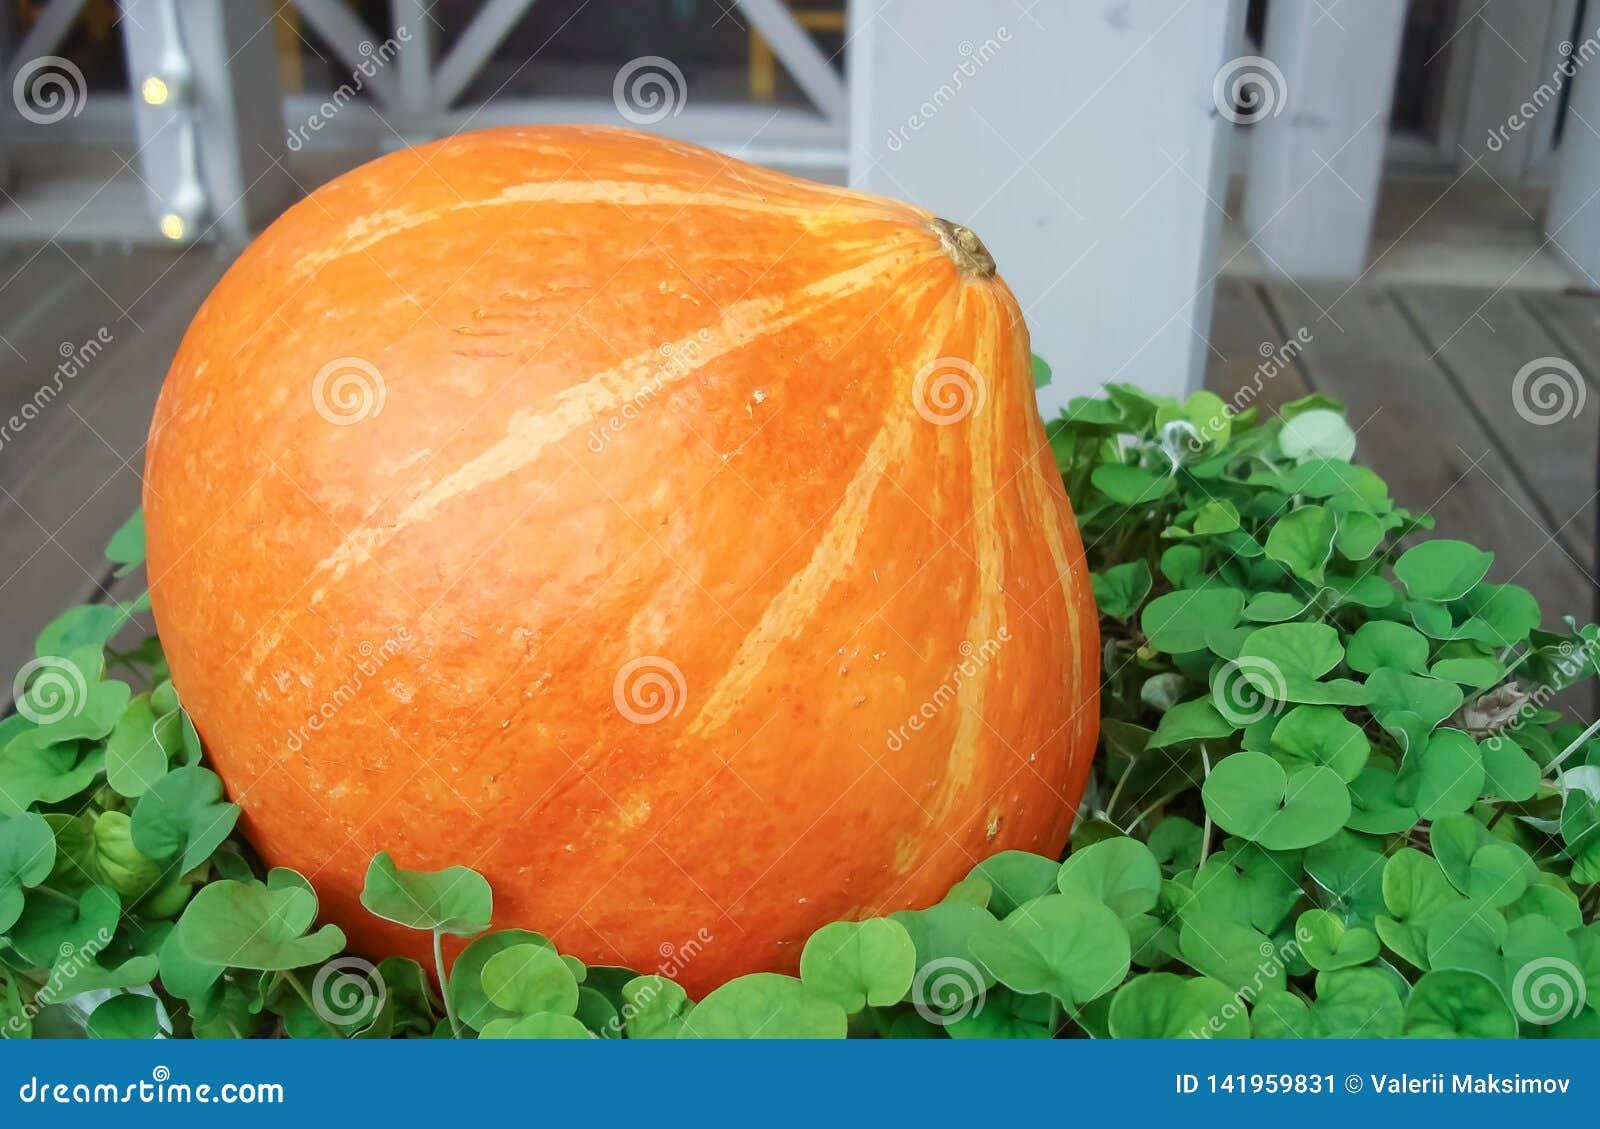 Potiron orange sur un fond de plantes vertes